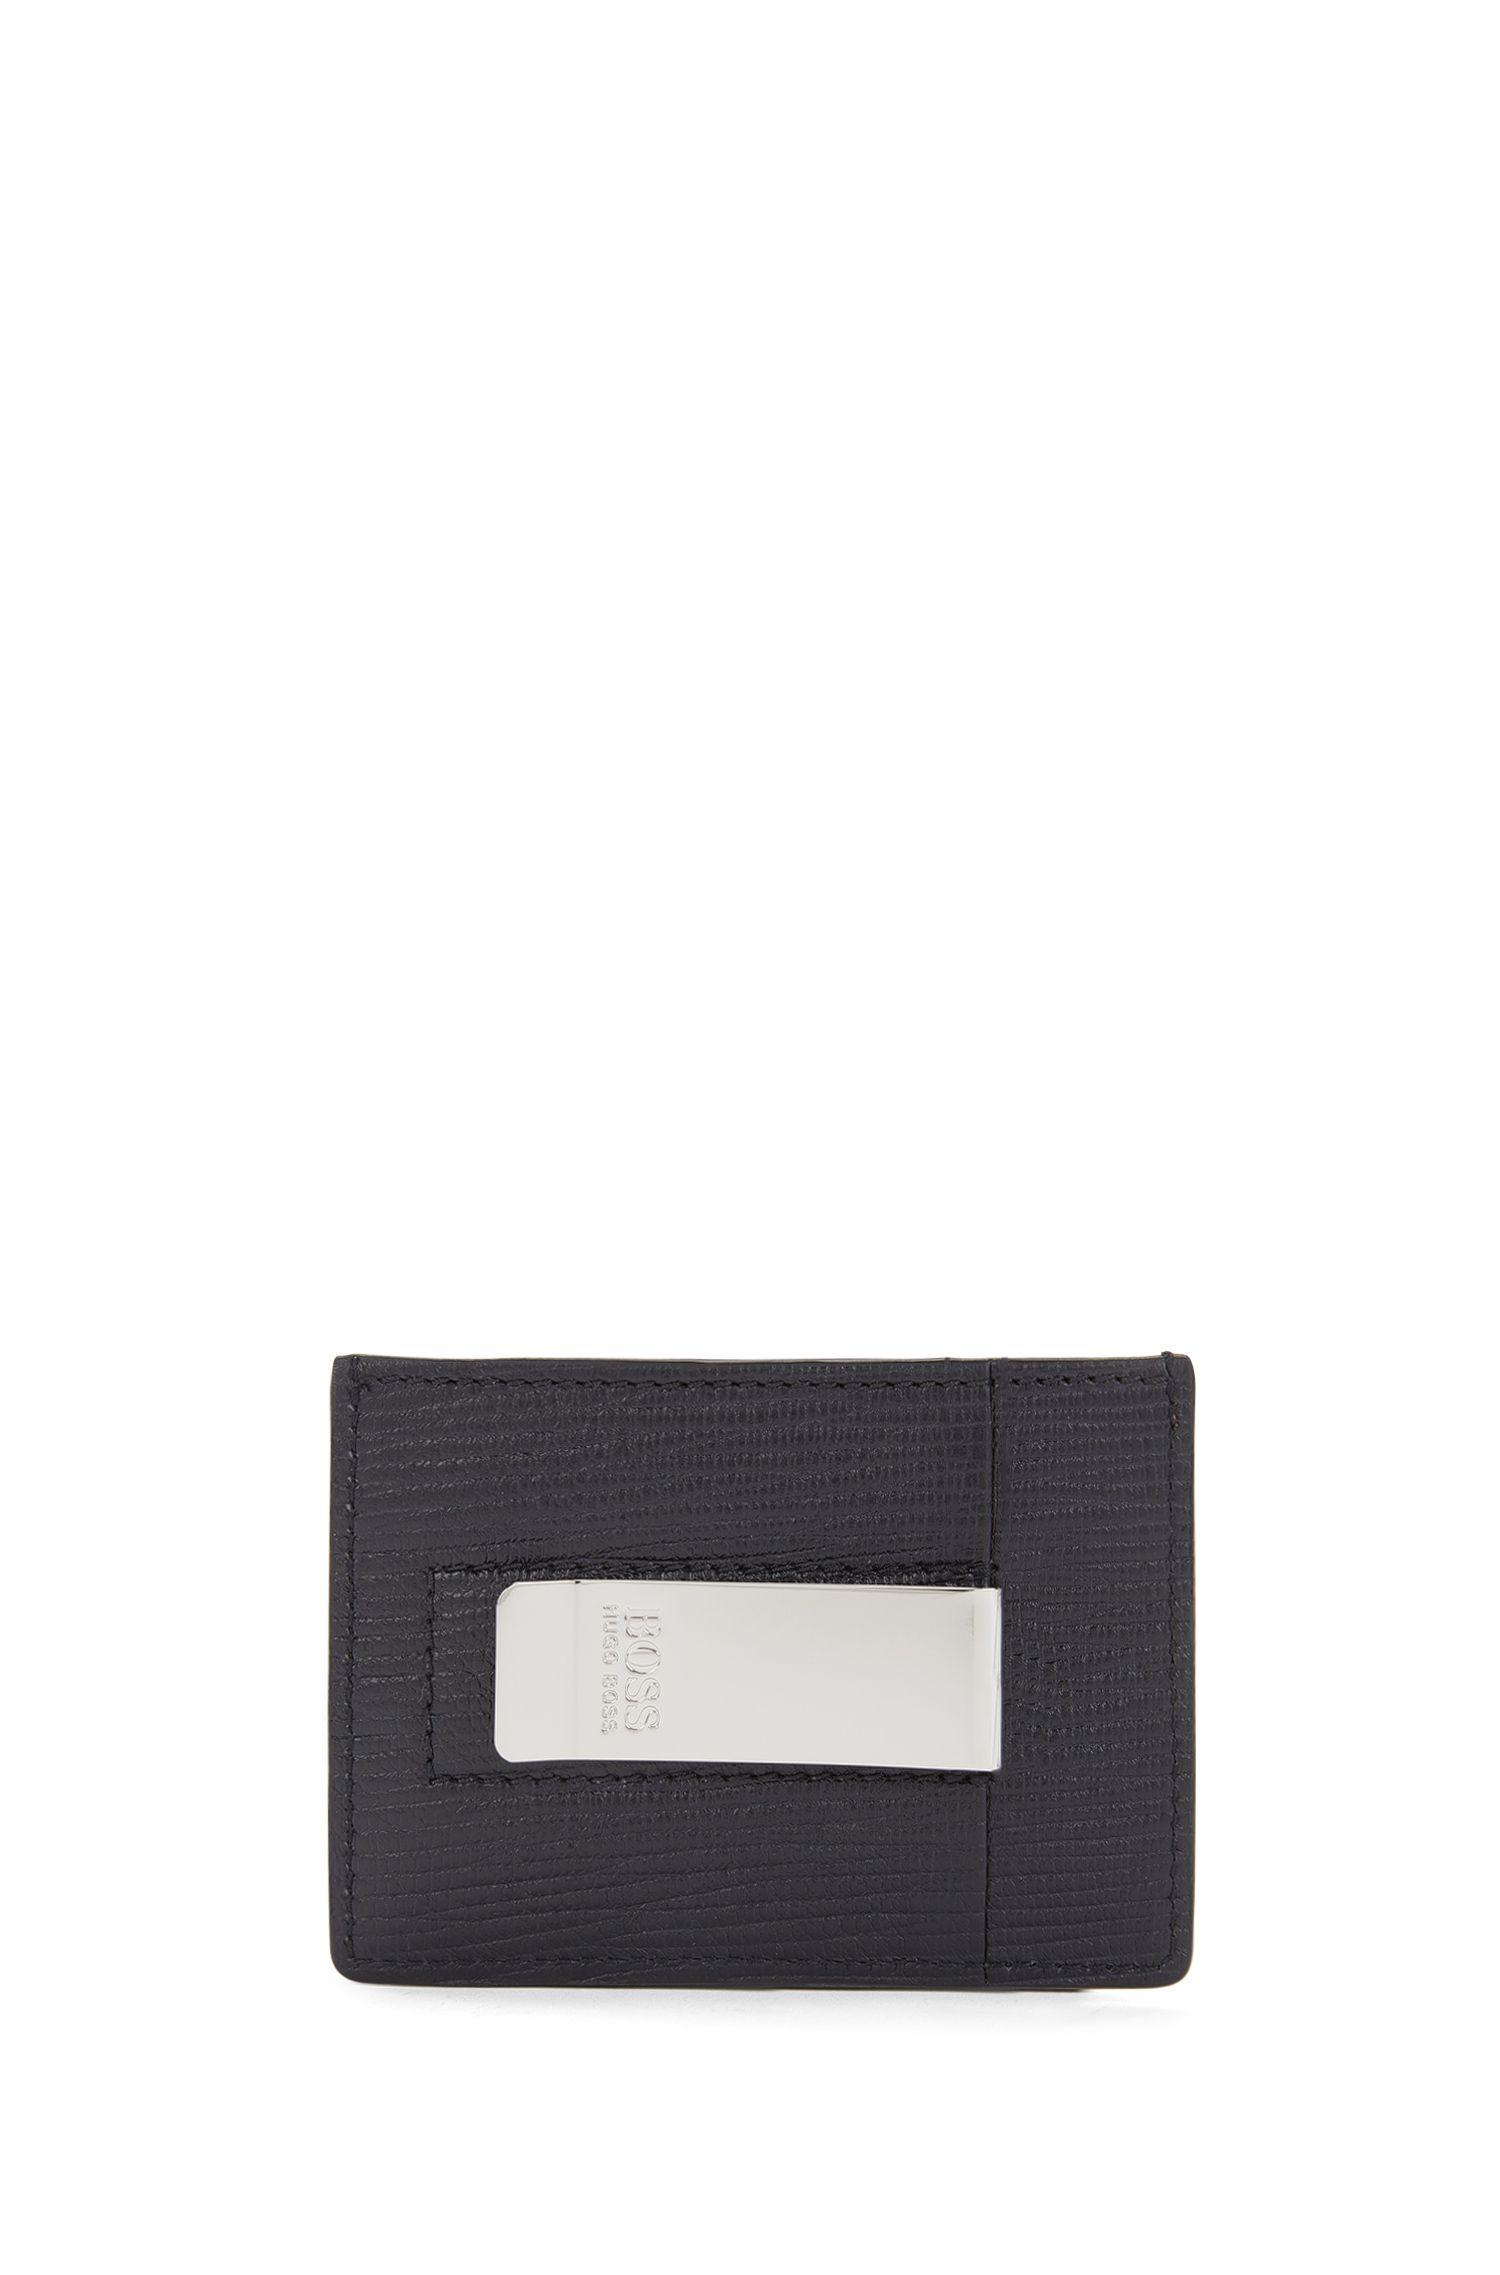 Kartenetui aus Leder mit Geldscheinklammer